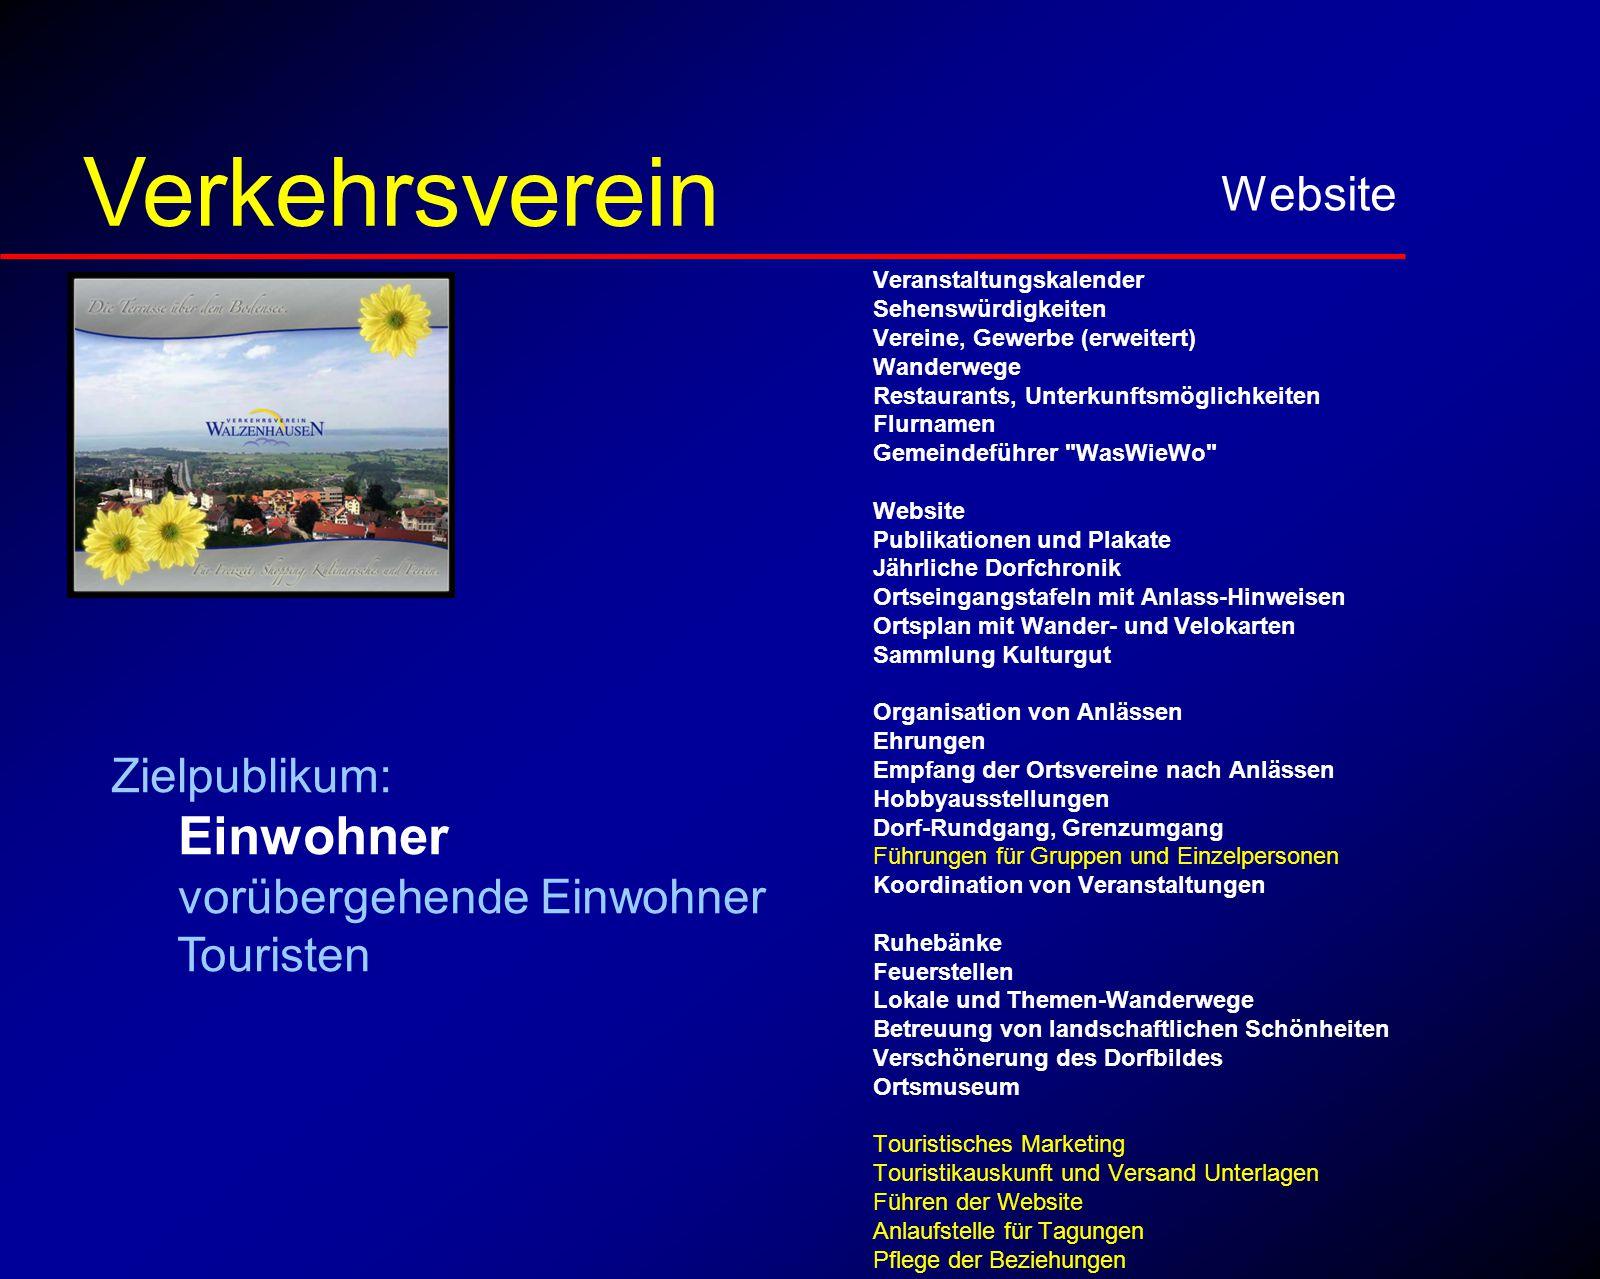 für Einwohner Website Verkehrsverein Veranstaltungskalender Sehenswürdigkeiten Vereine, Gewerbe (erweitert) Wanderwege Restaurants, Unterkunftsmöglich